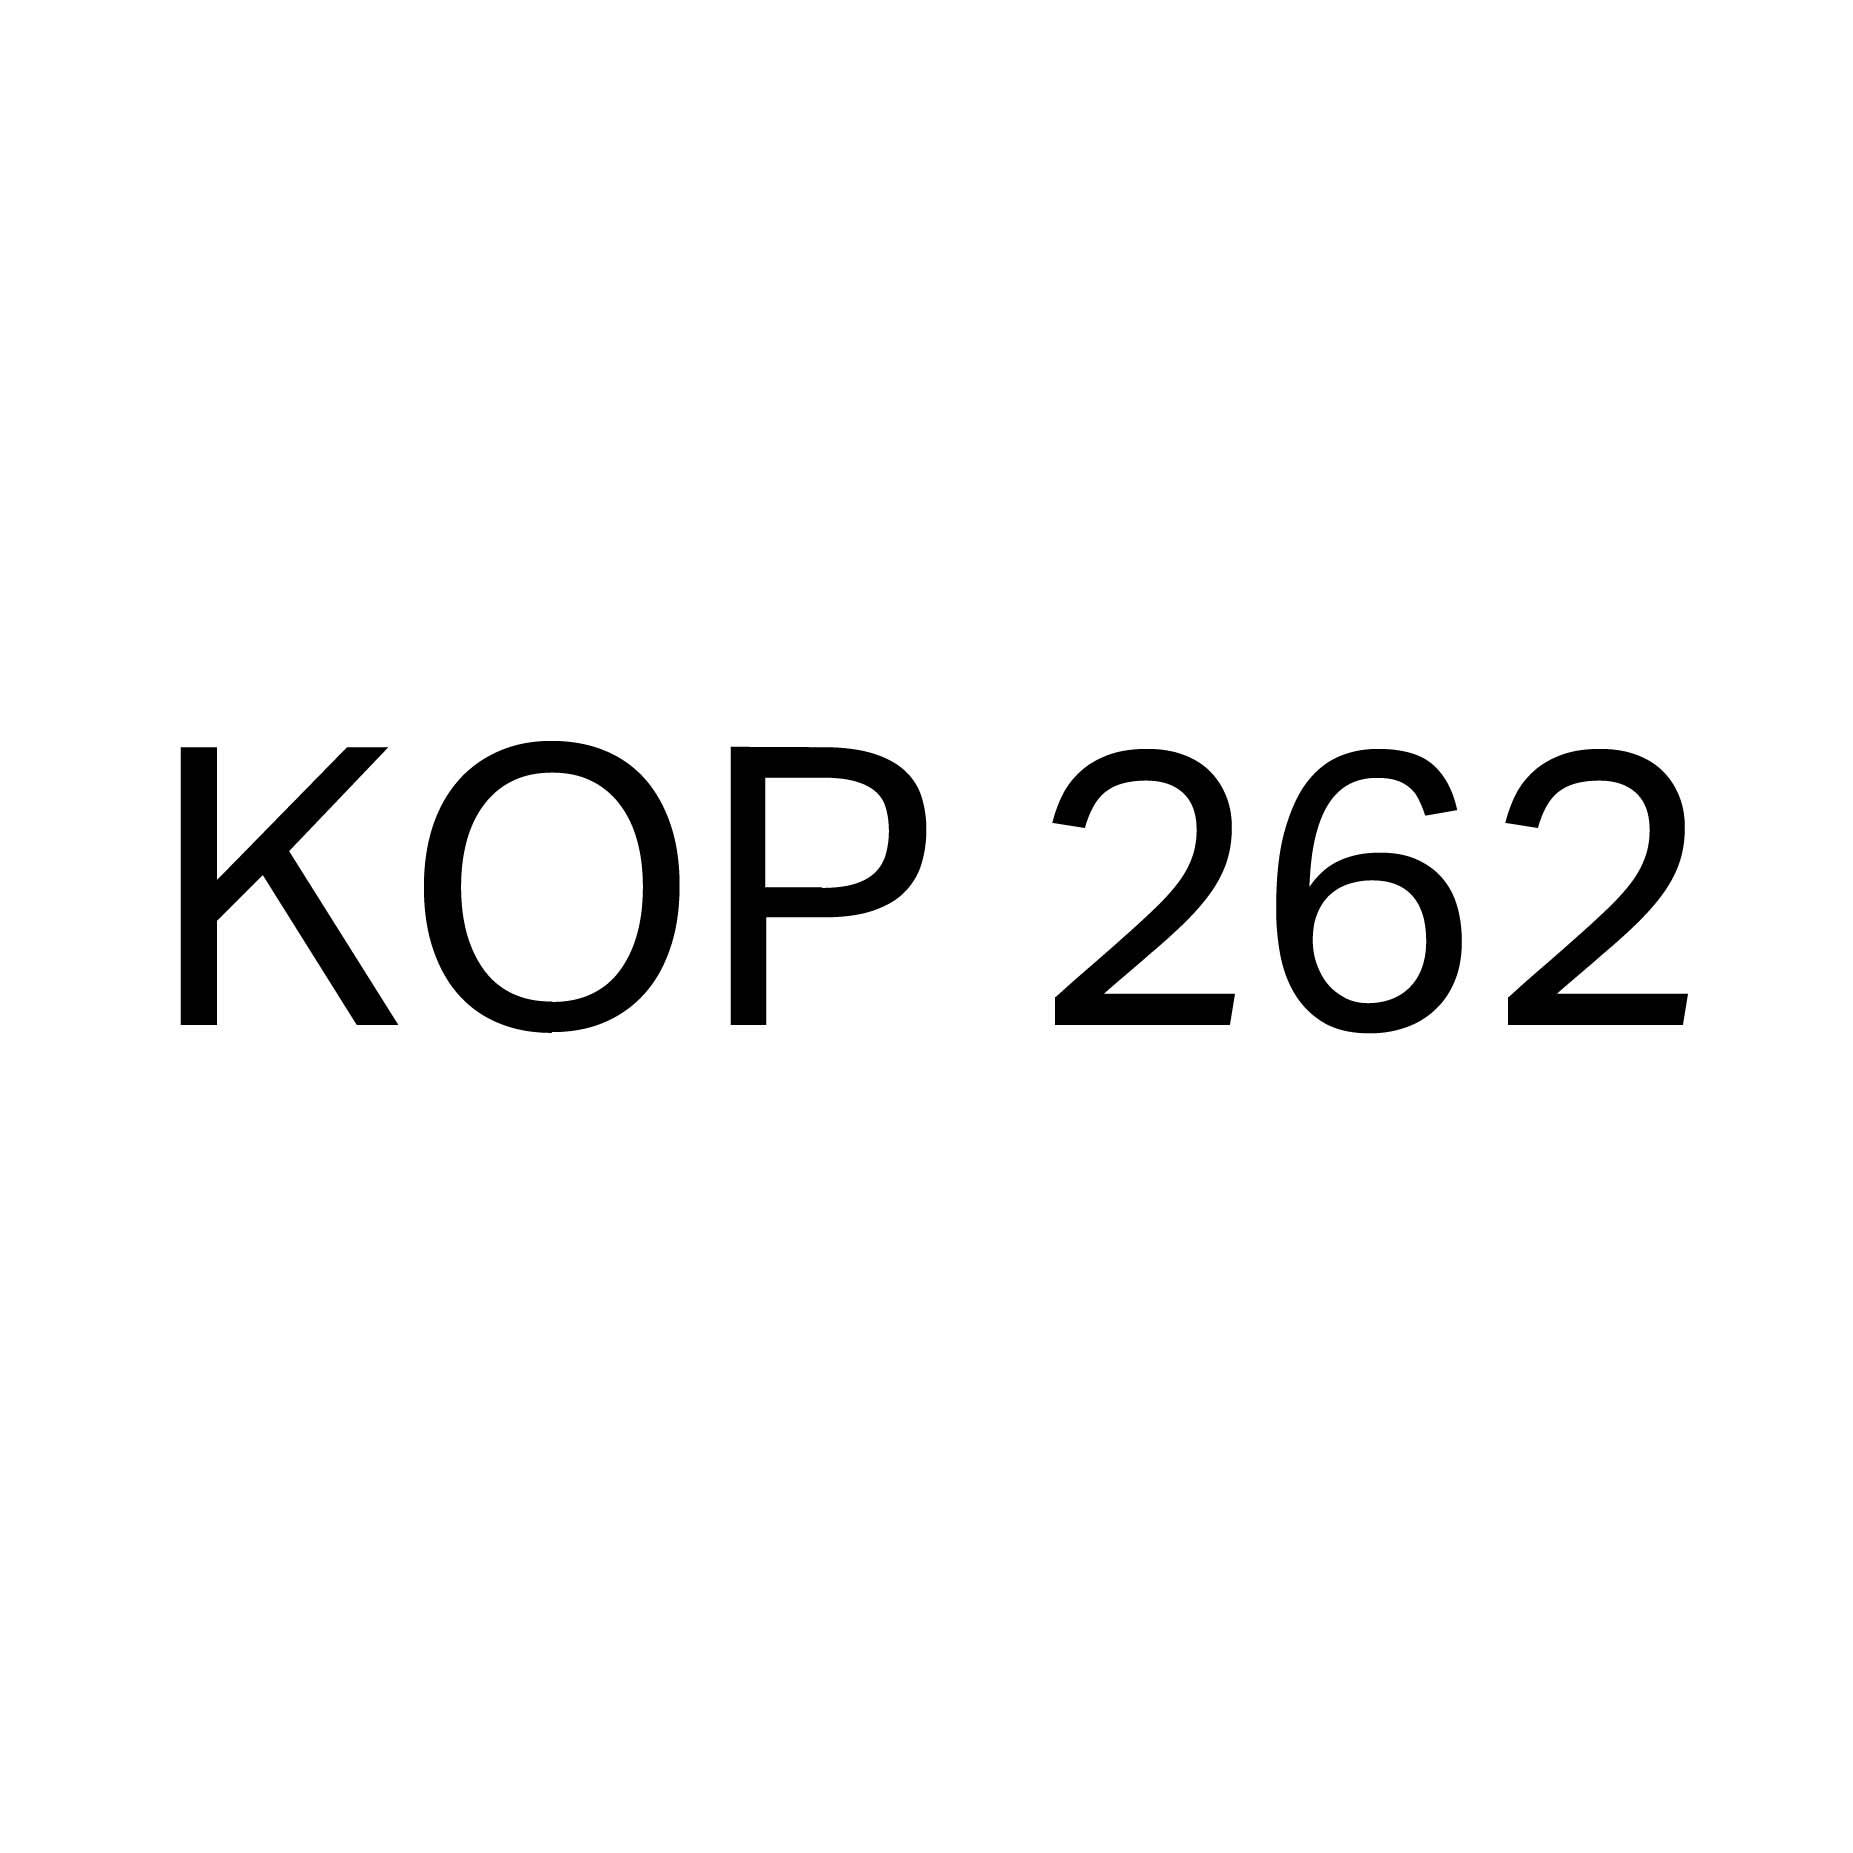 kop 262.jpg